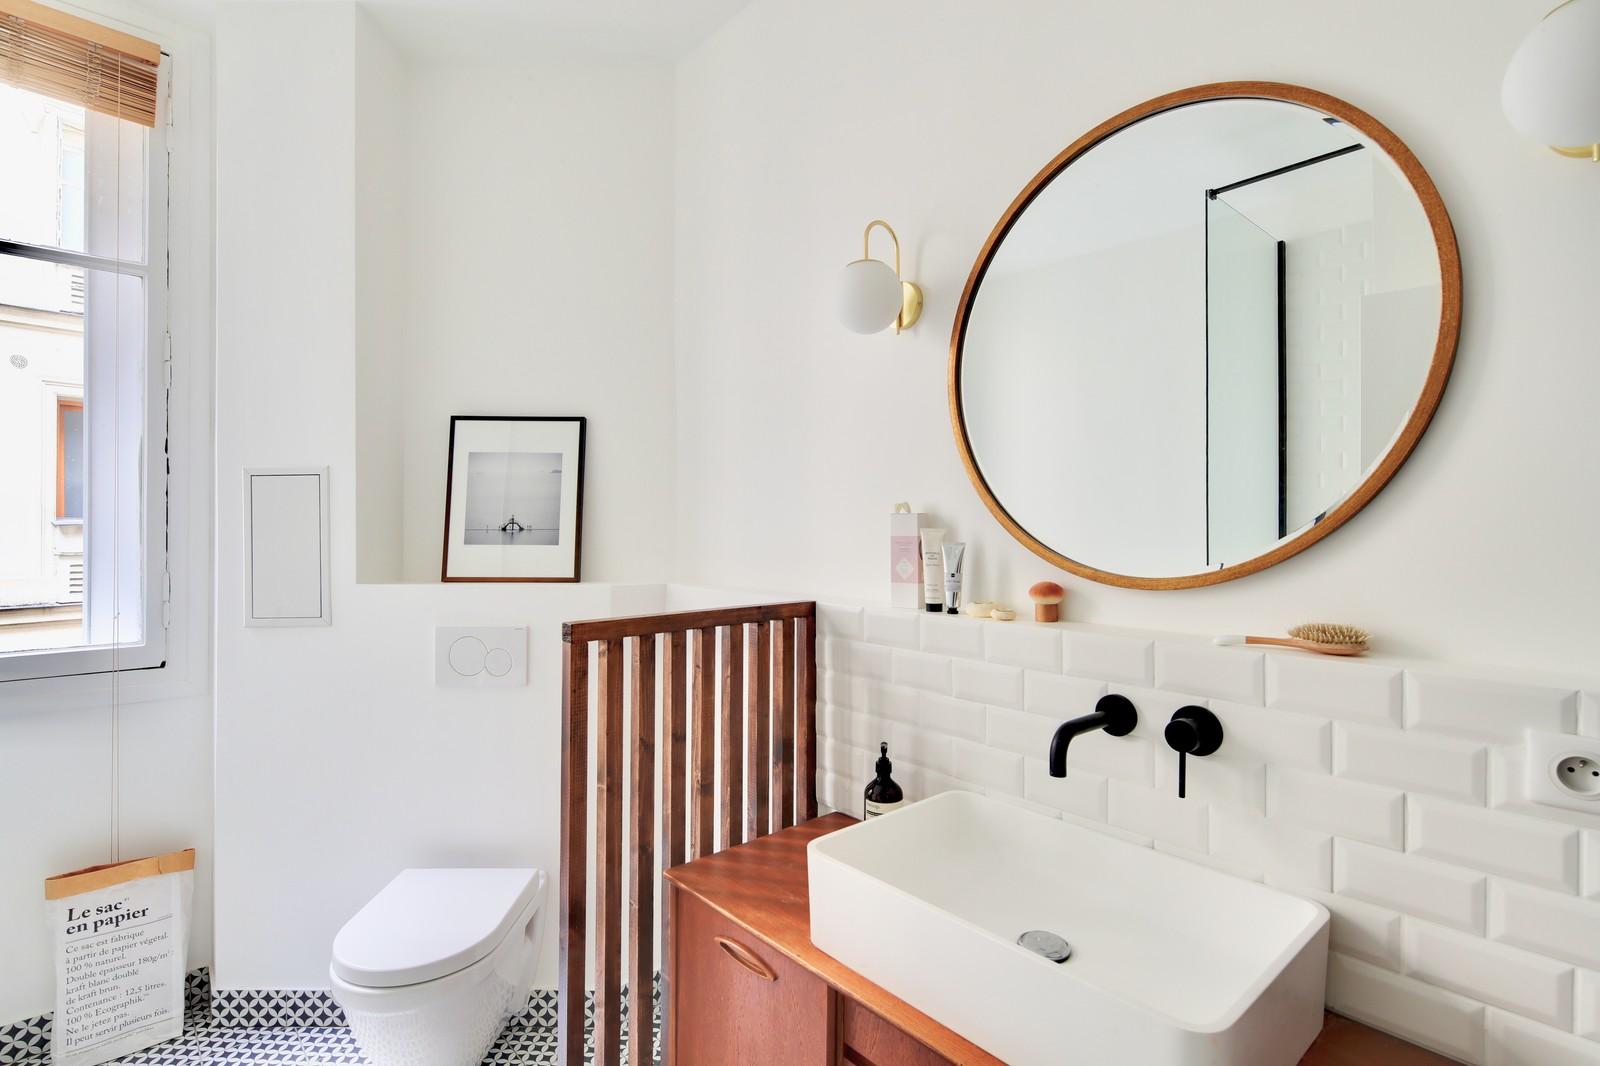 Idées déco] Des claustras dans la salle de bain  Cocon - déco